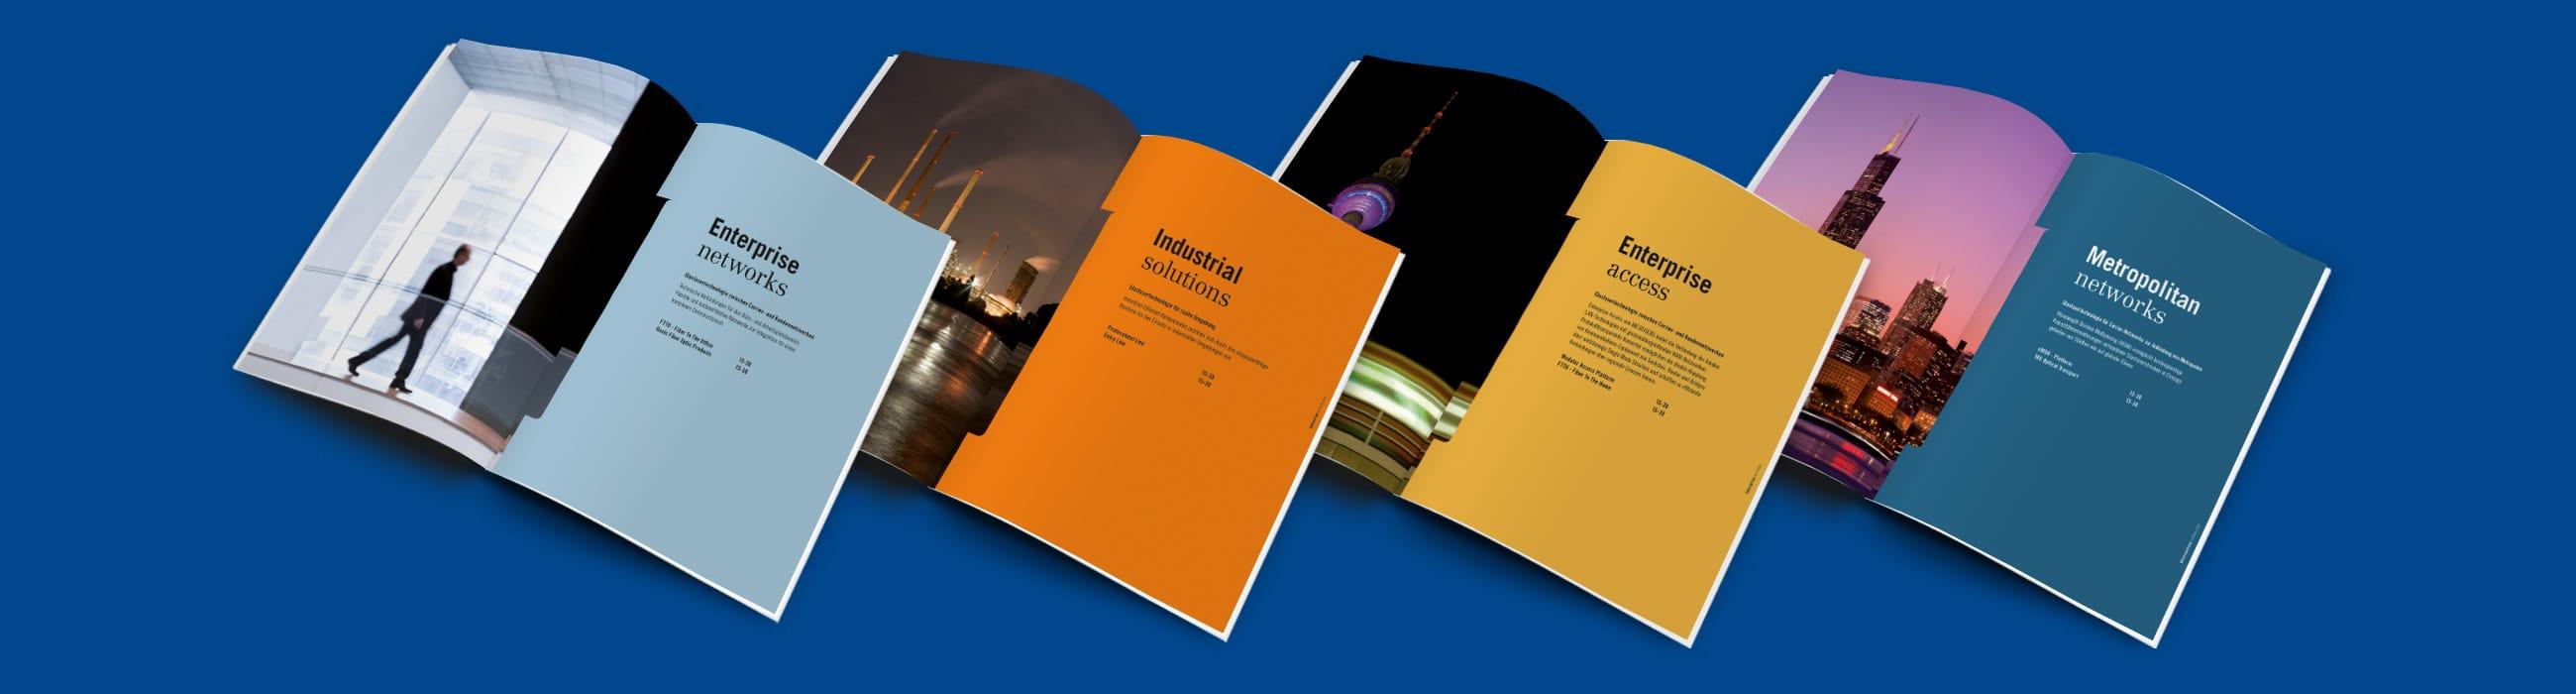 Elektrotechnik Katalog Microsens Contigo